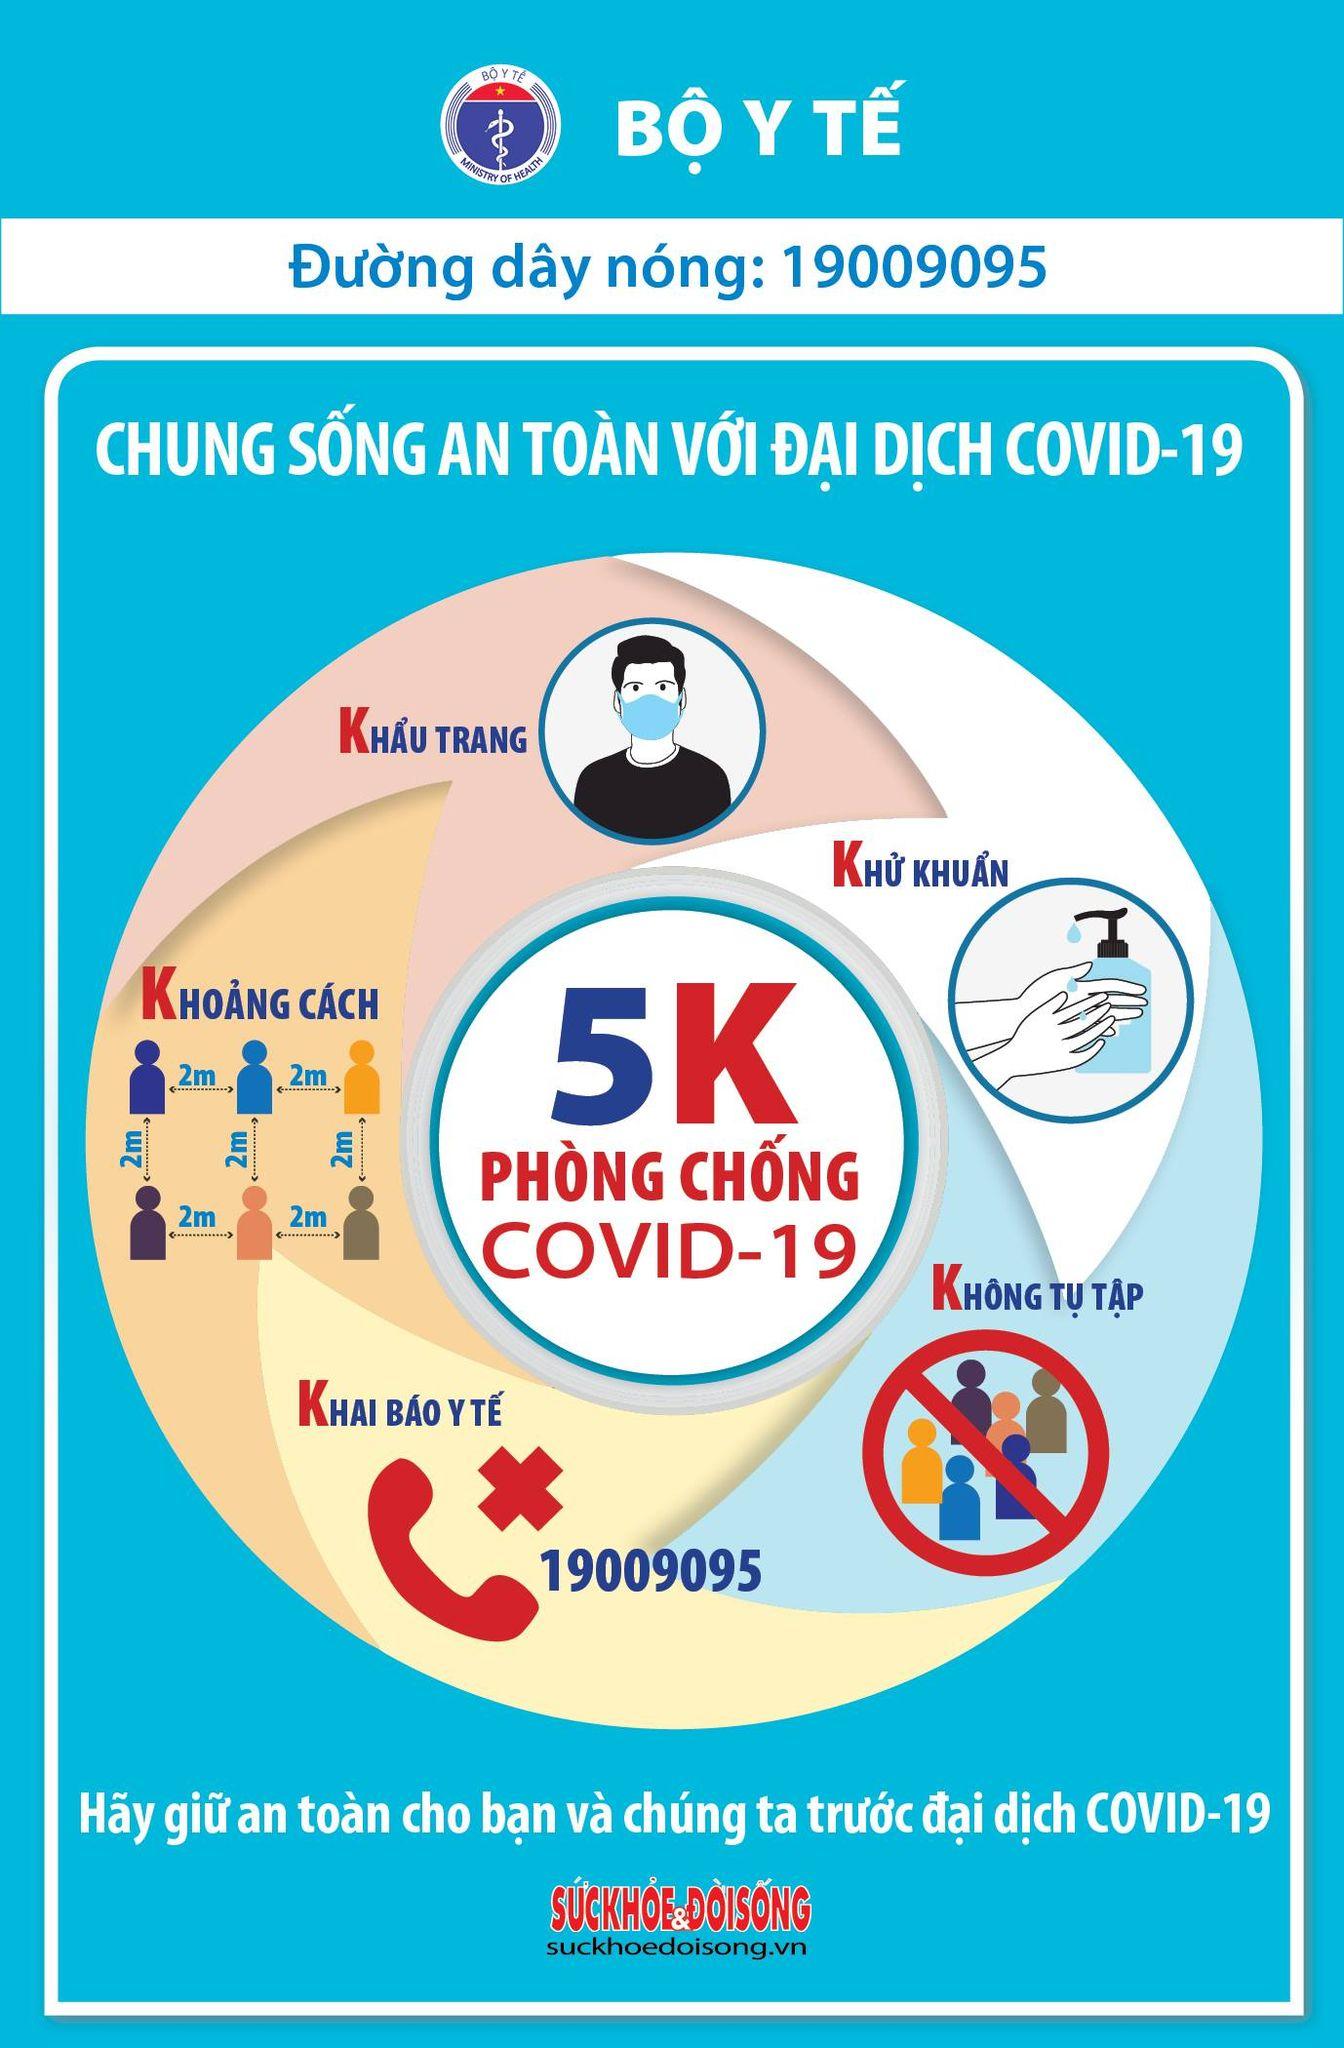 Chiều 2/4, Quảng Ninh, Tây Ninh và TP Hồ Chí Minh có 3 ca mắc COVID-19 - Ảnh 3.